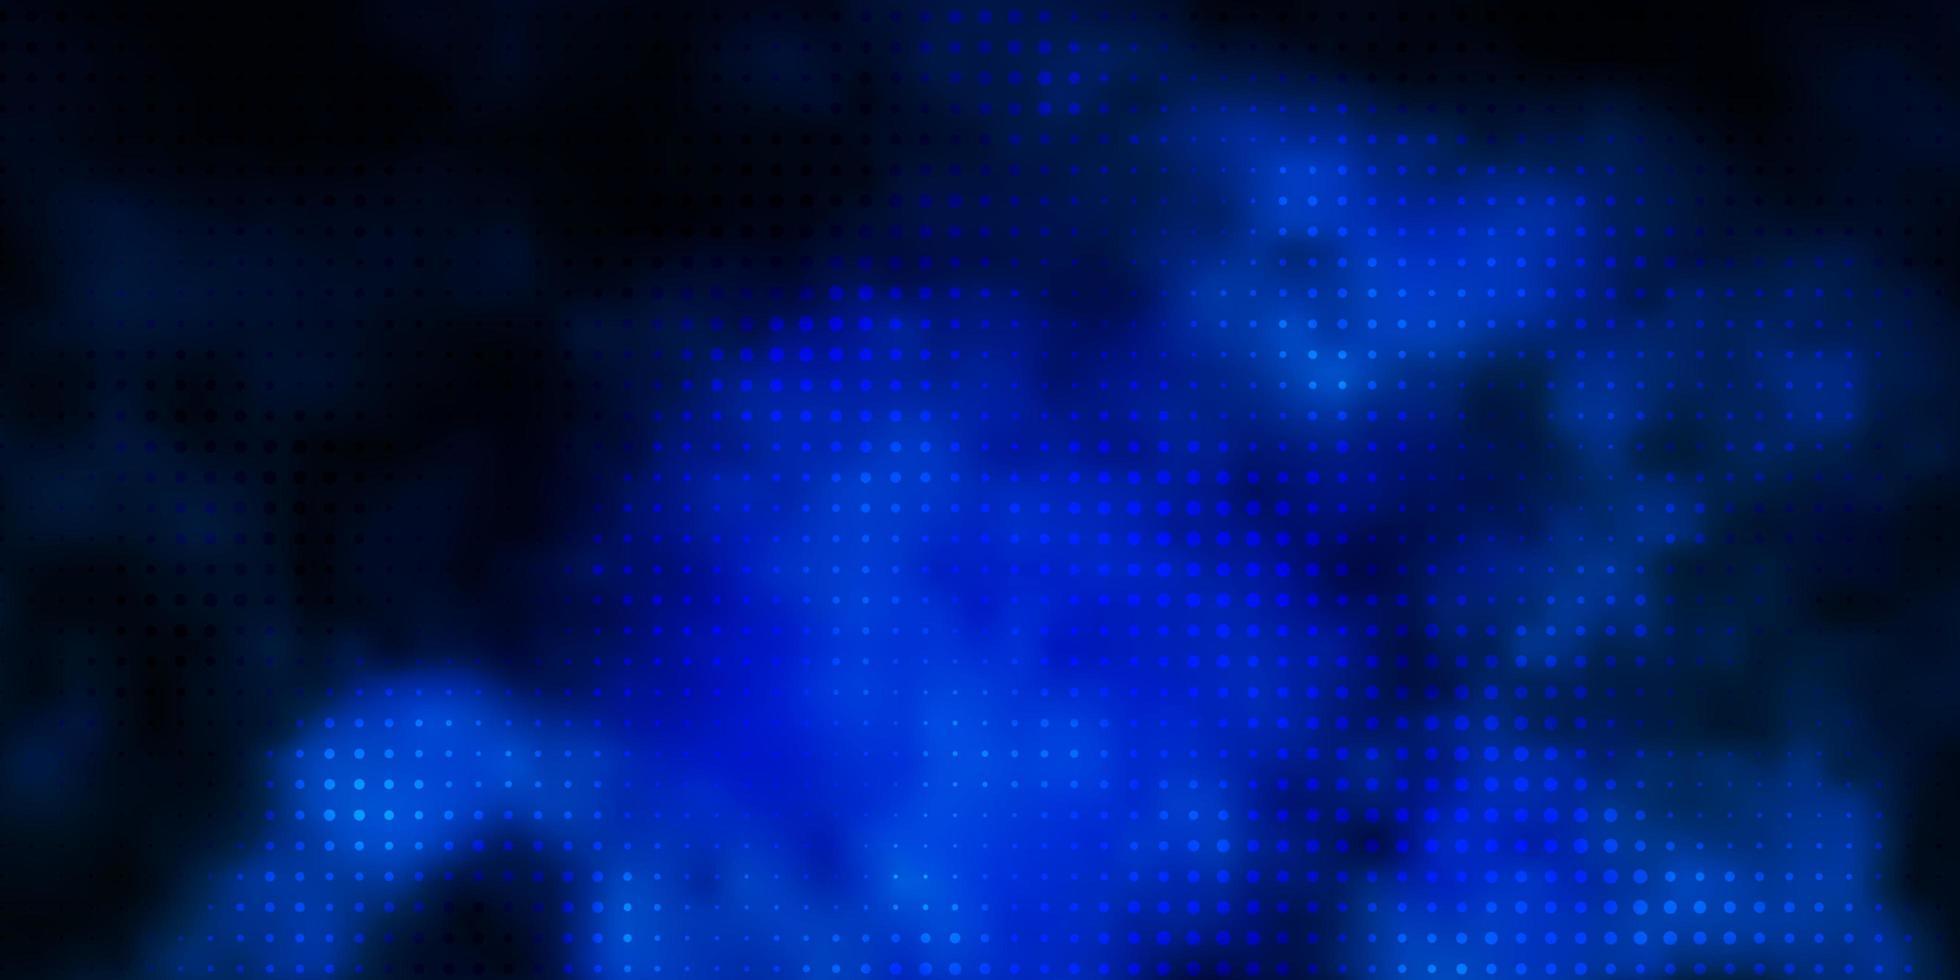 mörkblå vektor konsistens med cirklar.